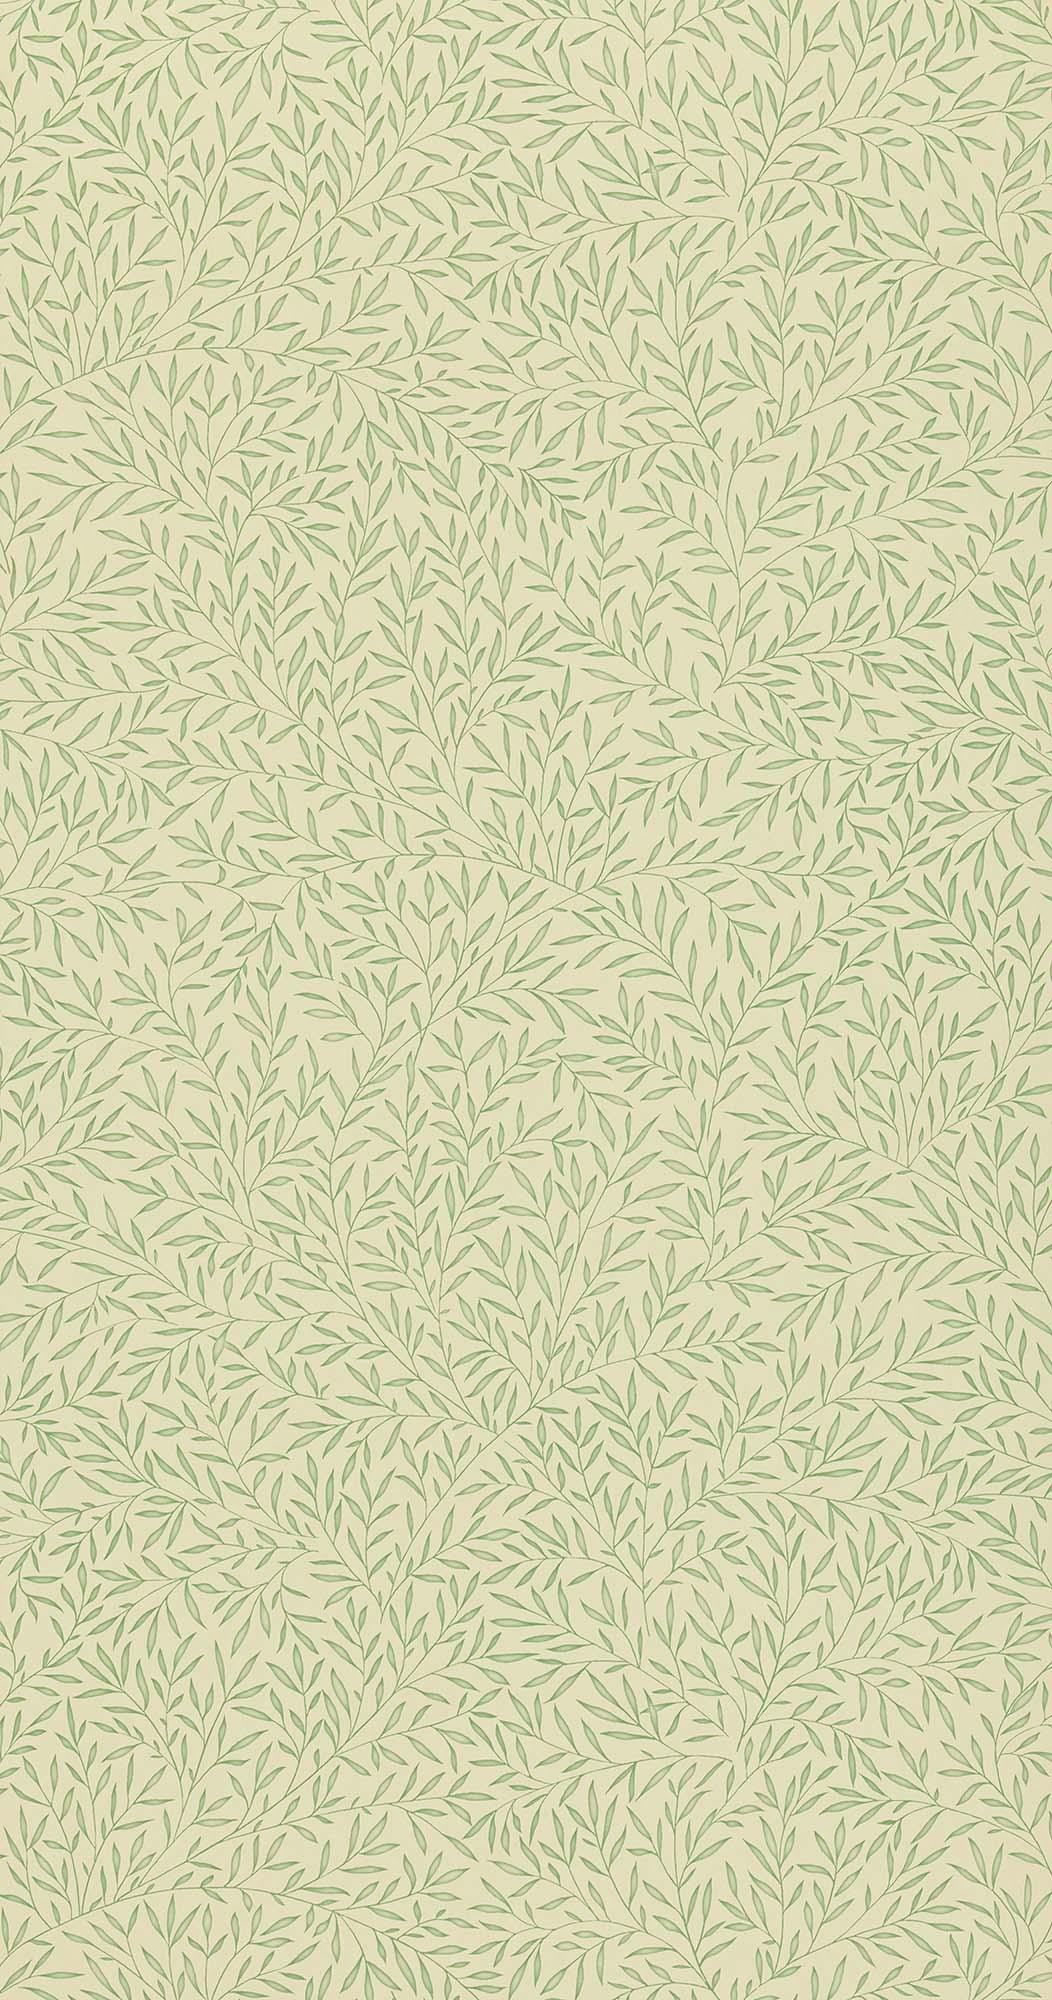 ウィリアムモリス壁紙 Lily Leaf DMOWLI-107